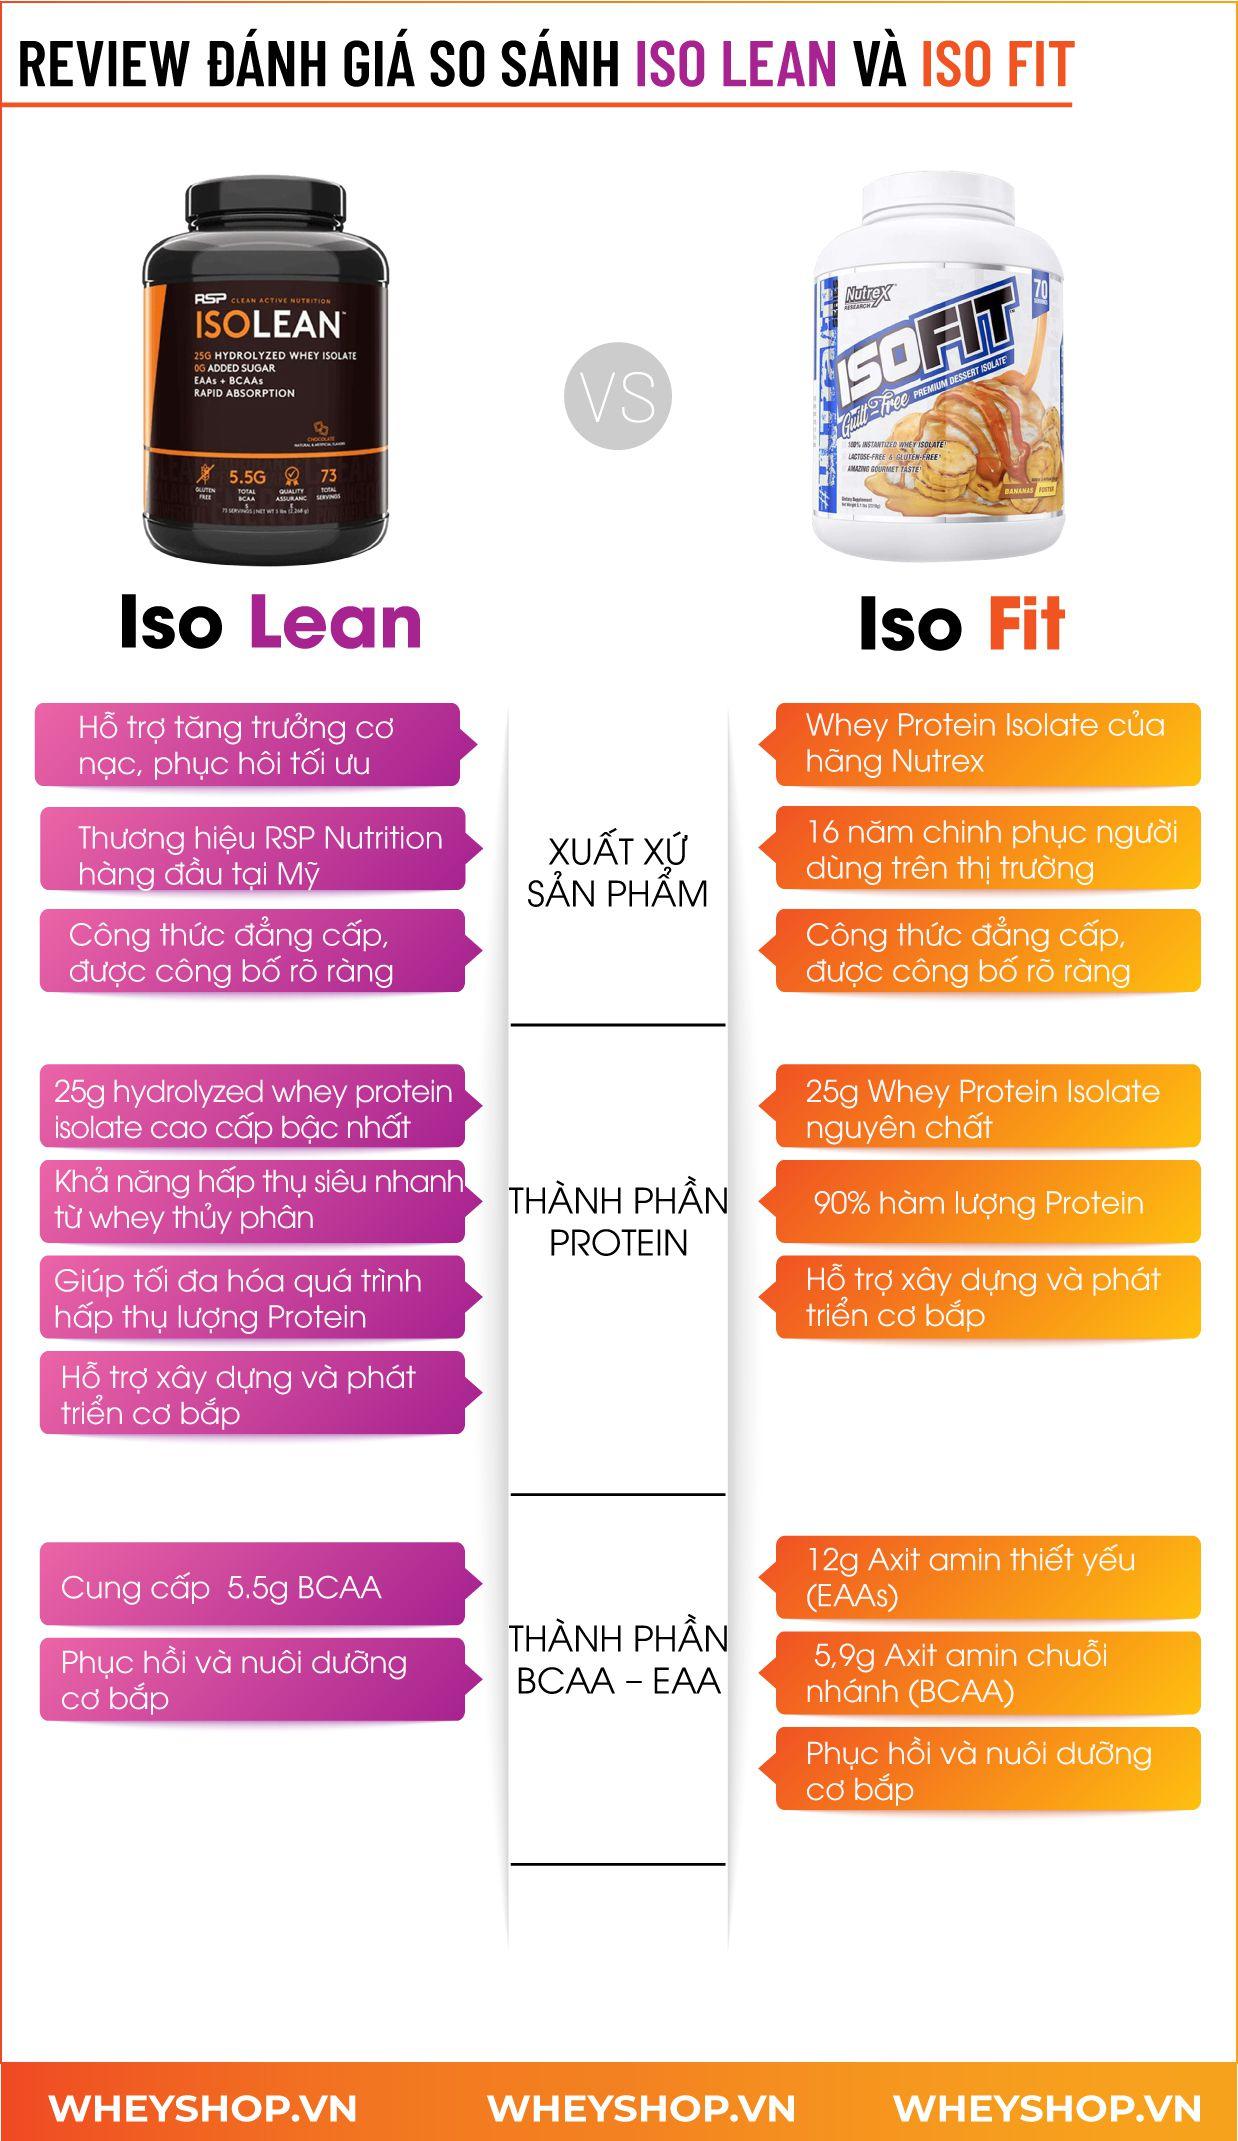 Nếu bạn đang băn khoăn trong việc lựa chọn ISO Lean và ISO Fit thì hãy cùng WheyShop tìm hiểu đánh giá, review chi tiết...